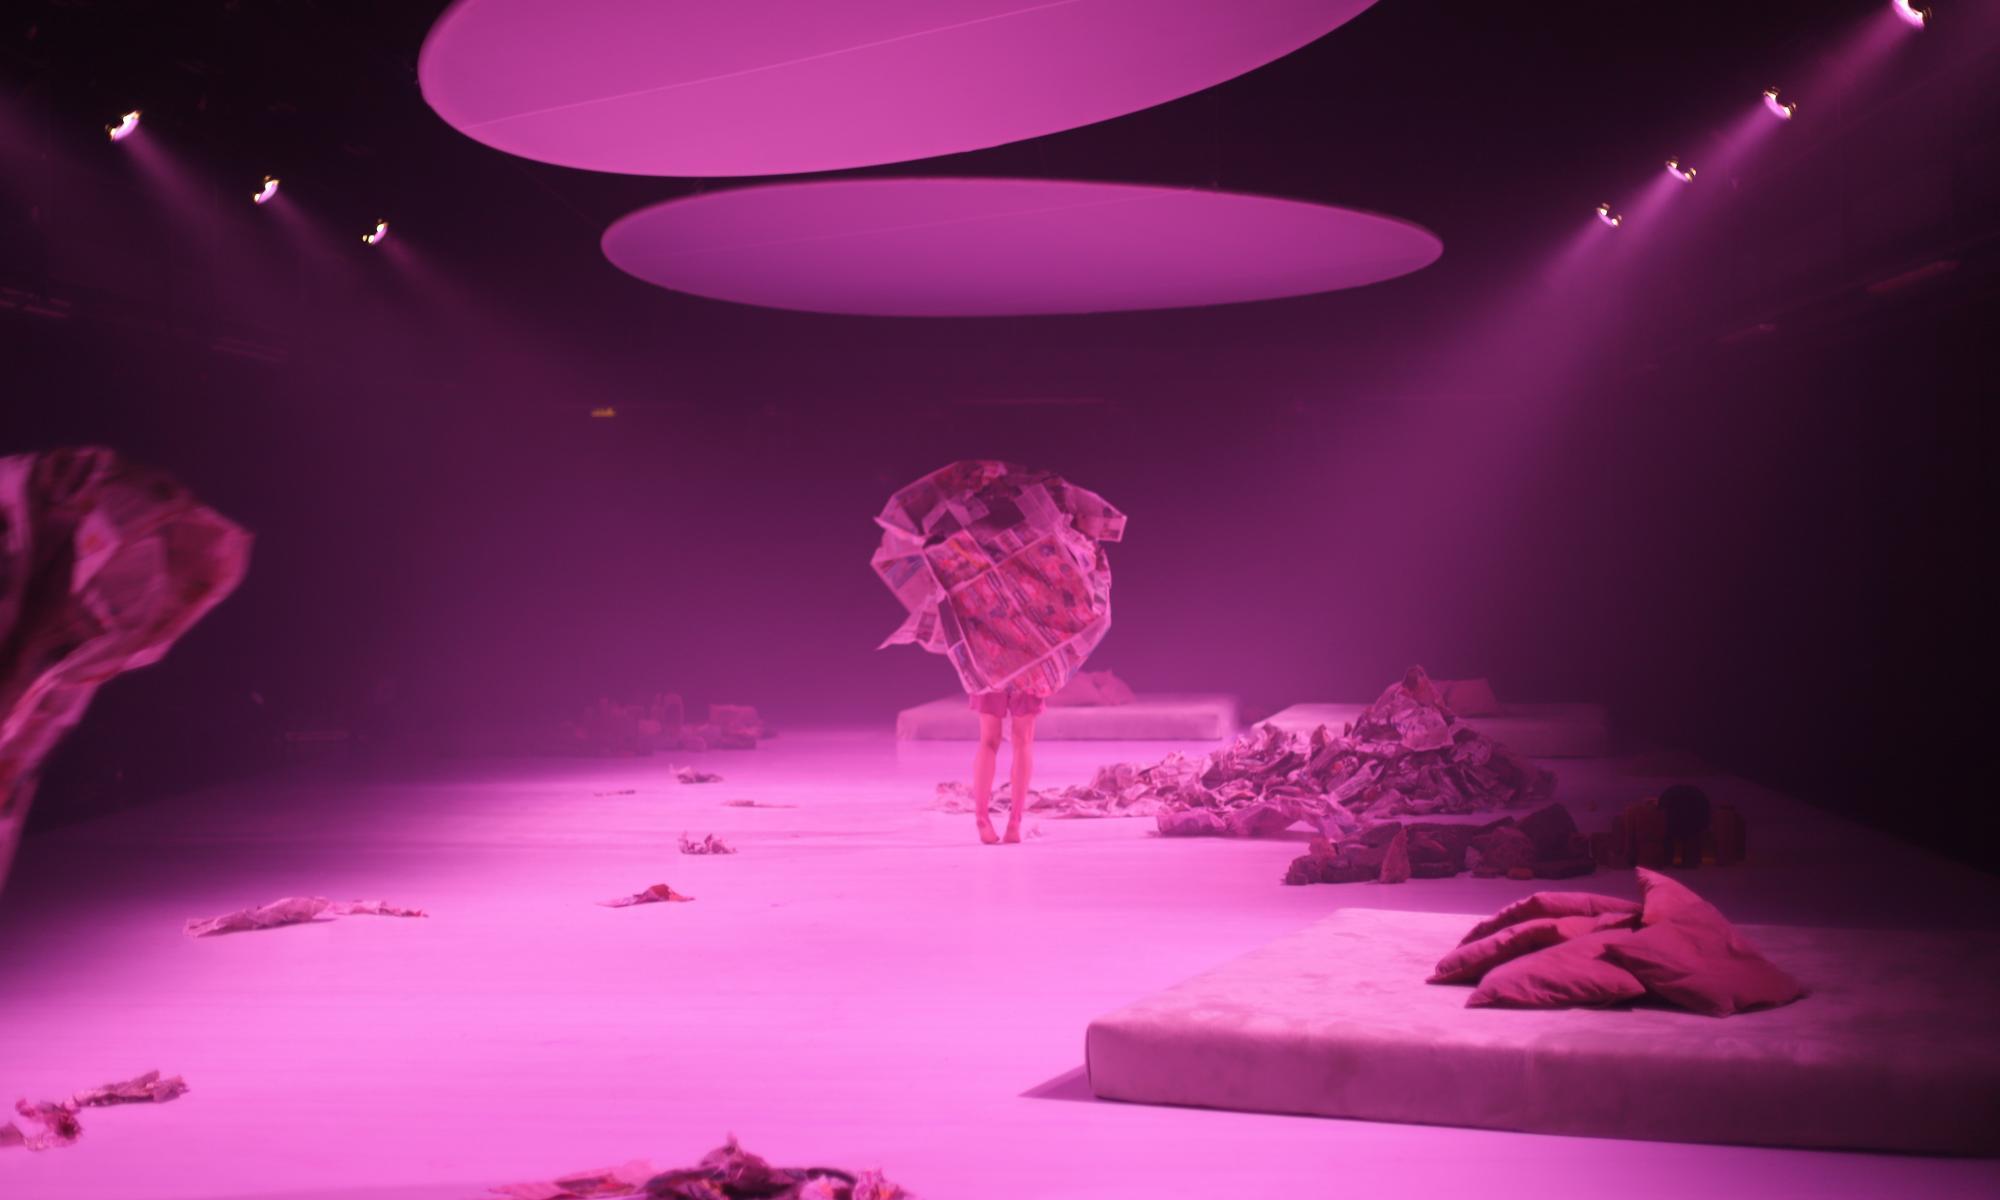 Syvä näyttämö, jonka pinkissä valossa esiintyjä seisoo valtavassa sanomalehtipallossa ja vain jalat näkyvät.